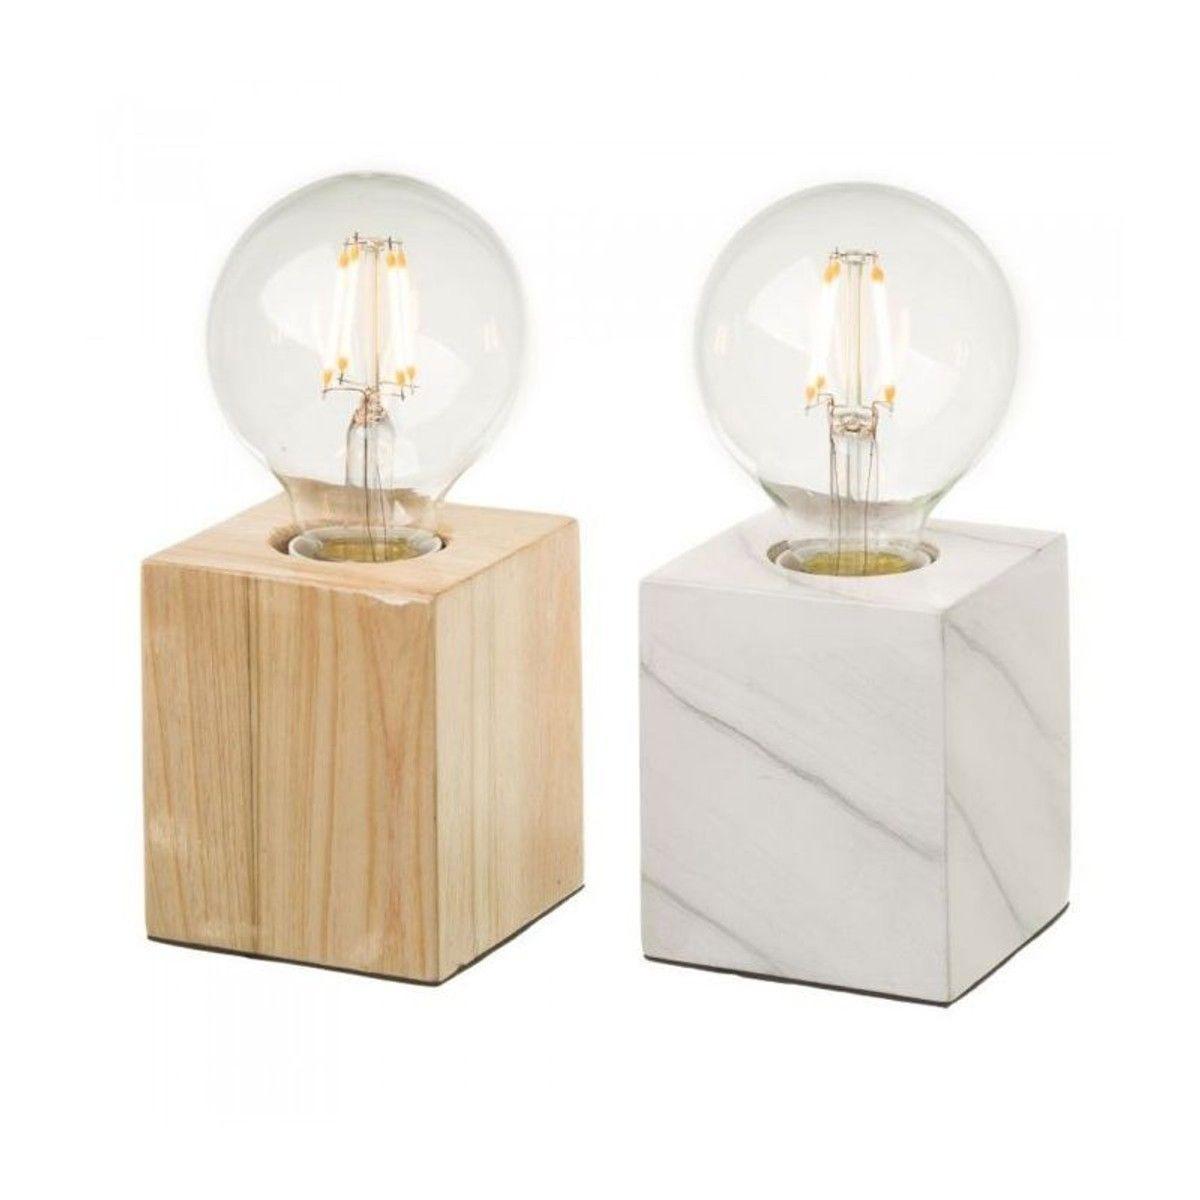 Lampe 2 Lampes Bois De Marbre 2019Products Set Et In WEYDH29I